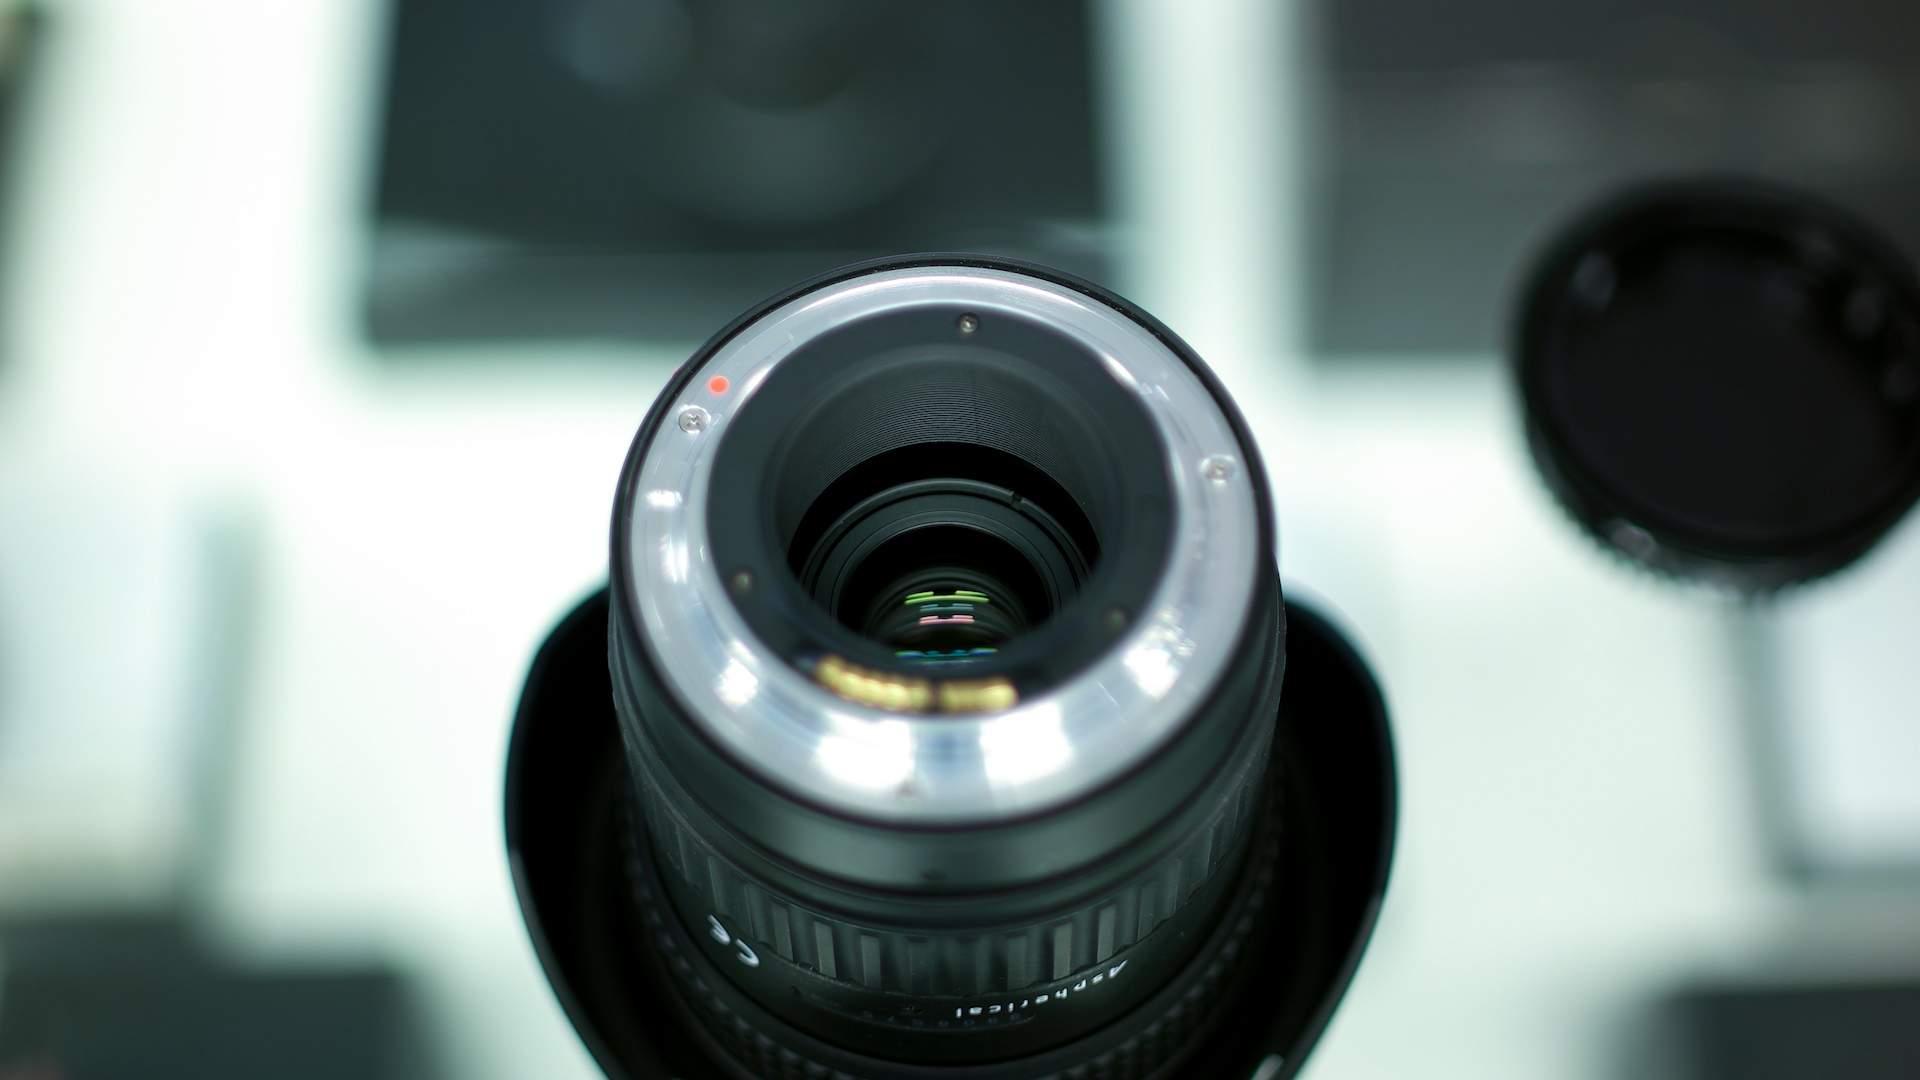 Dettaglio interno obiettivo Tokina 17-35mm f4 Pro FX